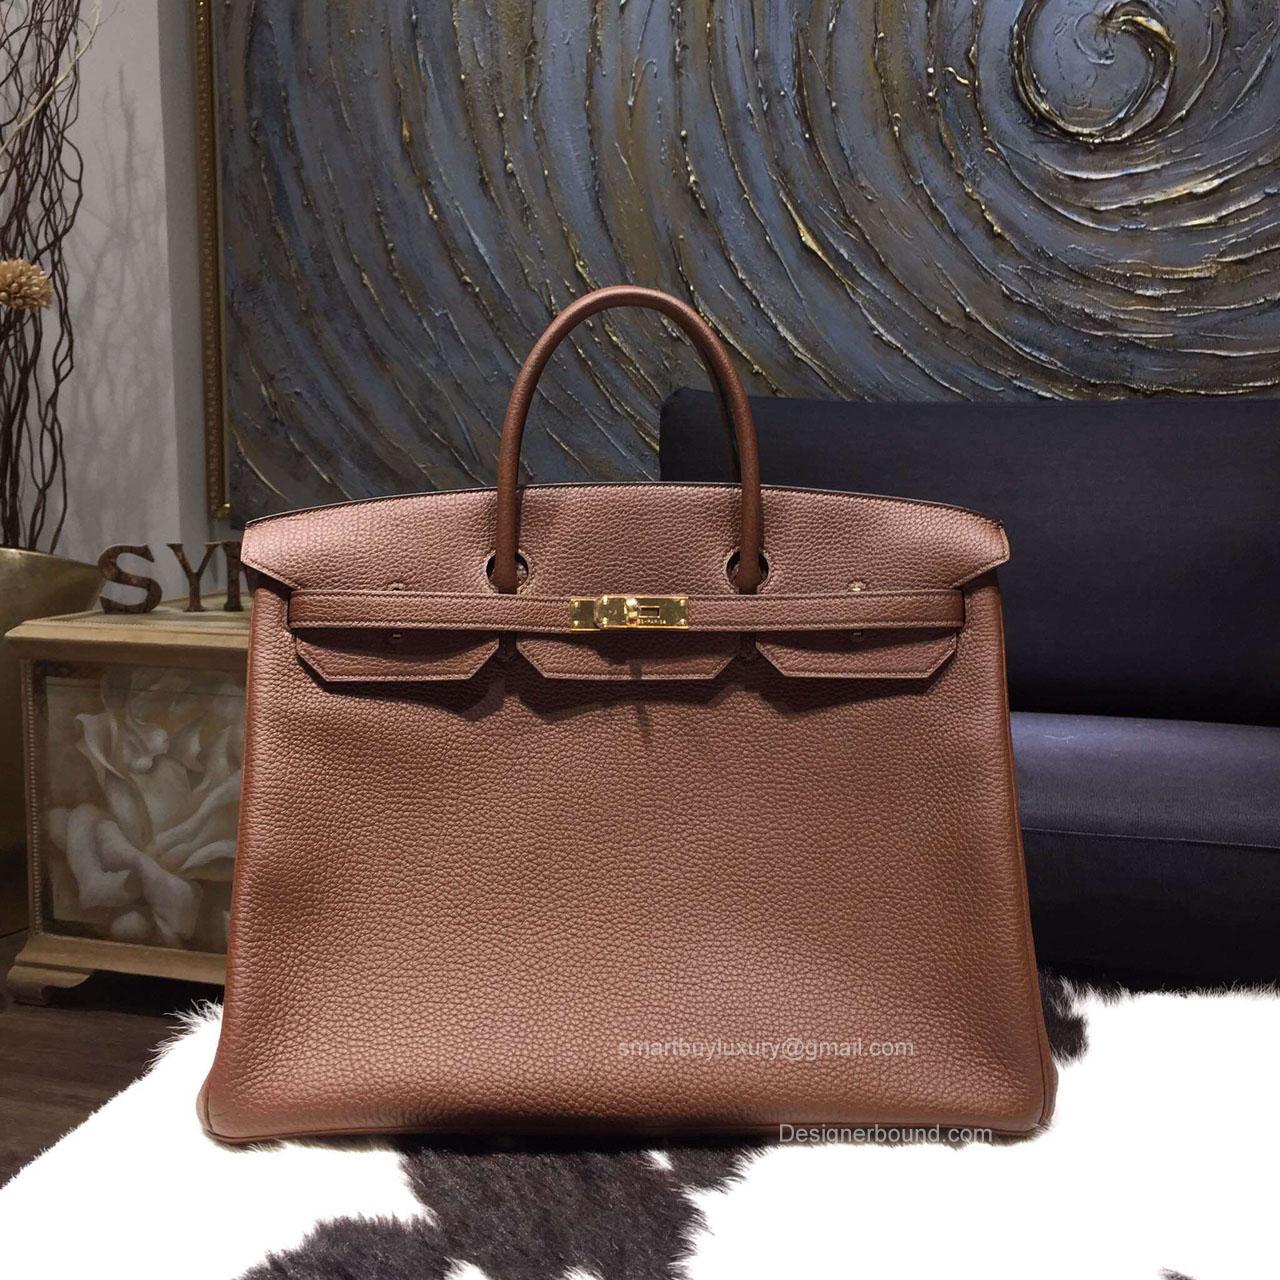 3bbd7e288af Hermes Birkin 40 Bag Marron D Inde CK4I Togo Leather Handstitched Gold hw